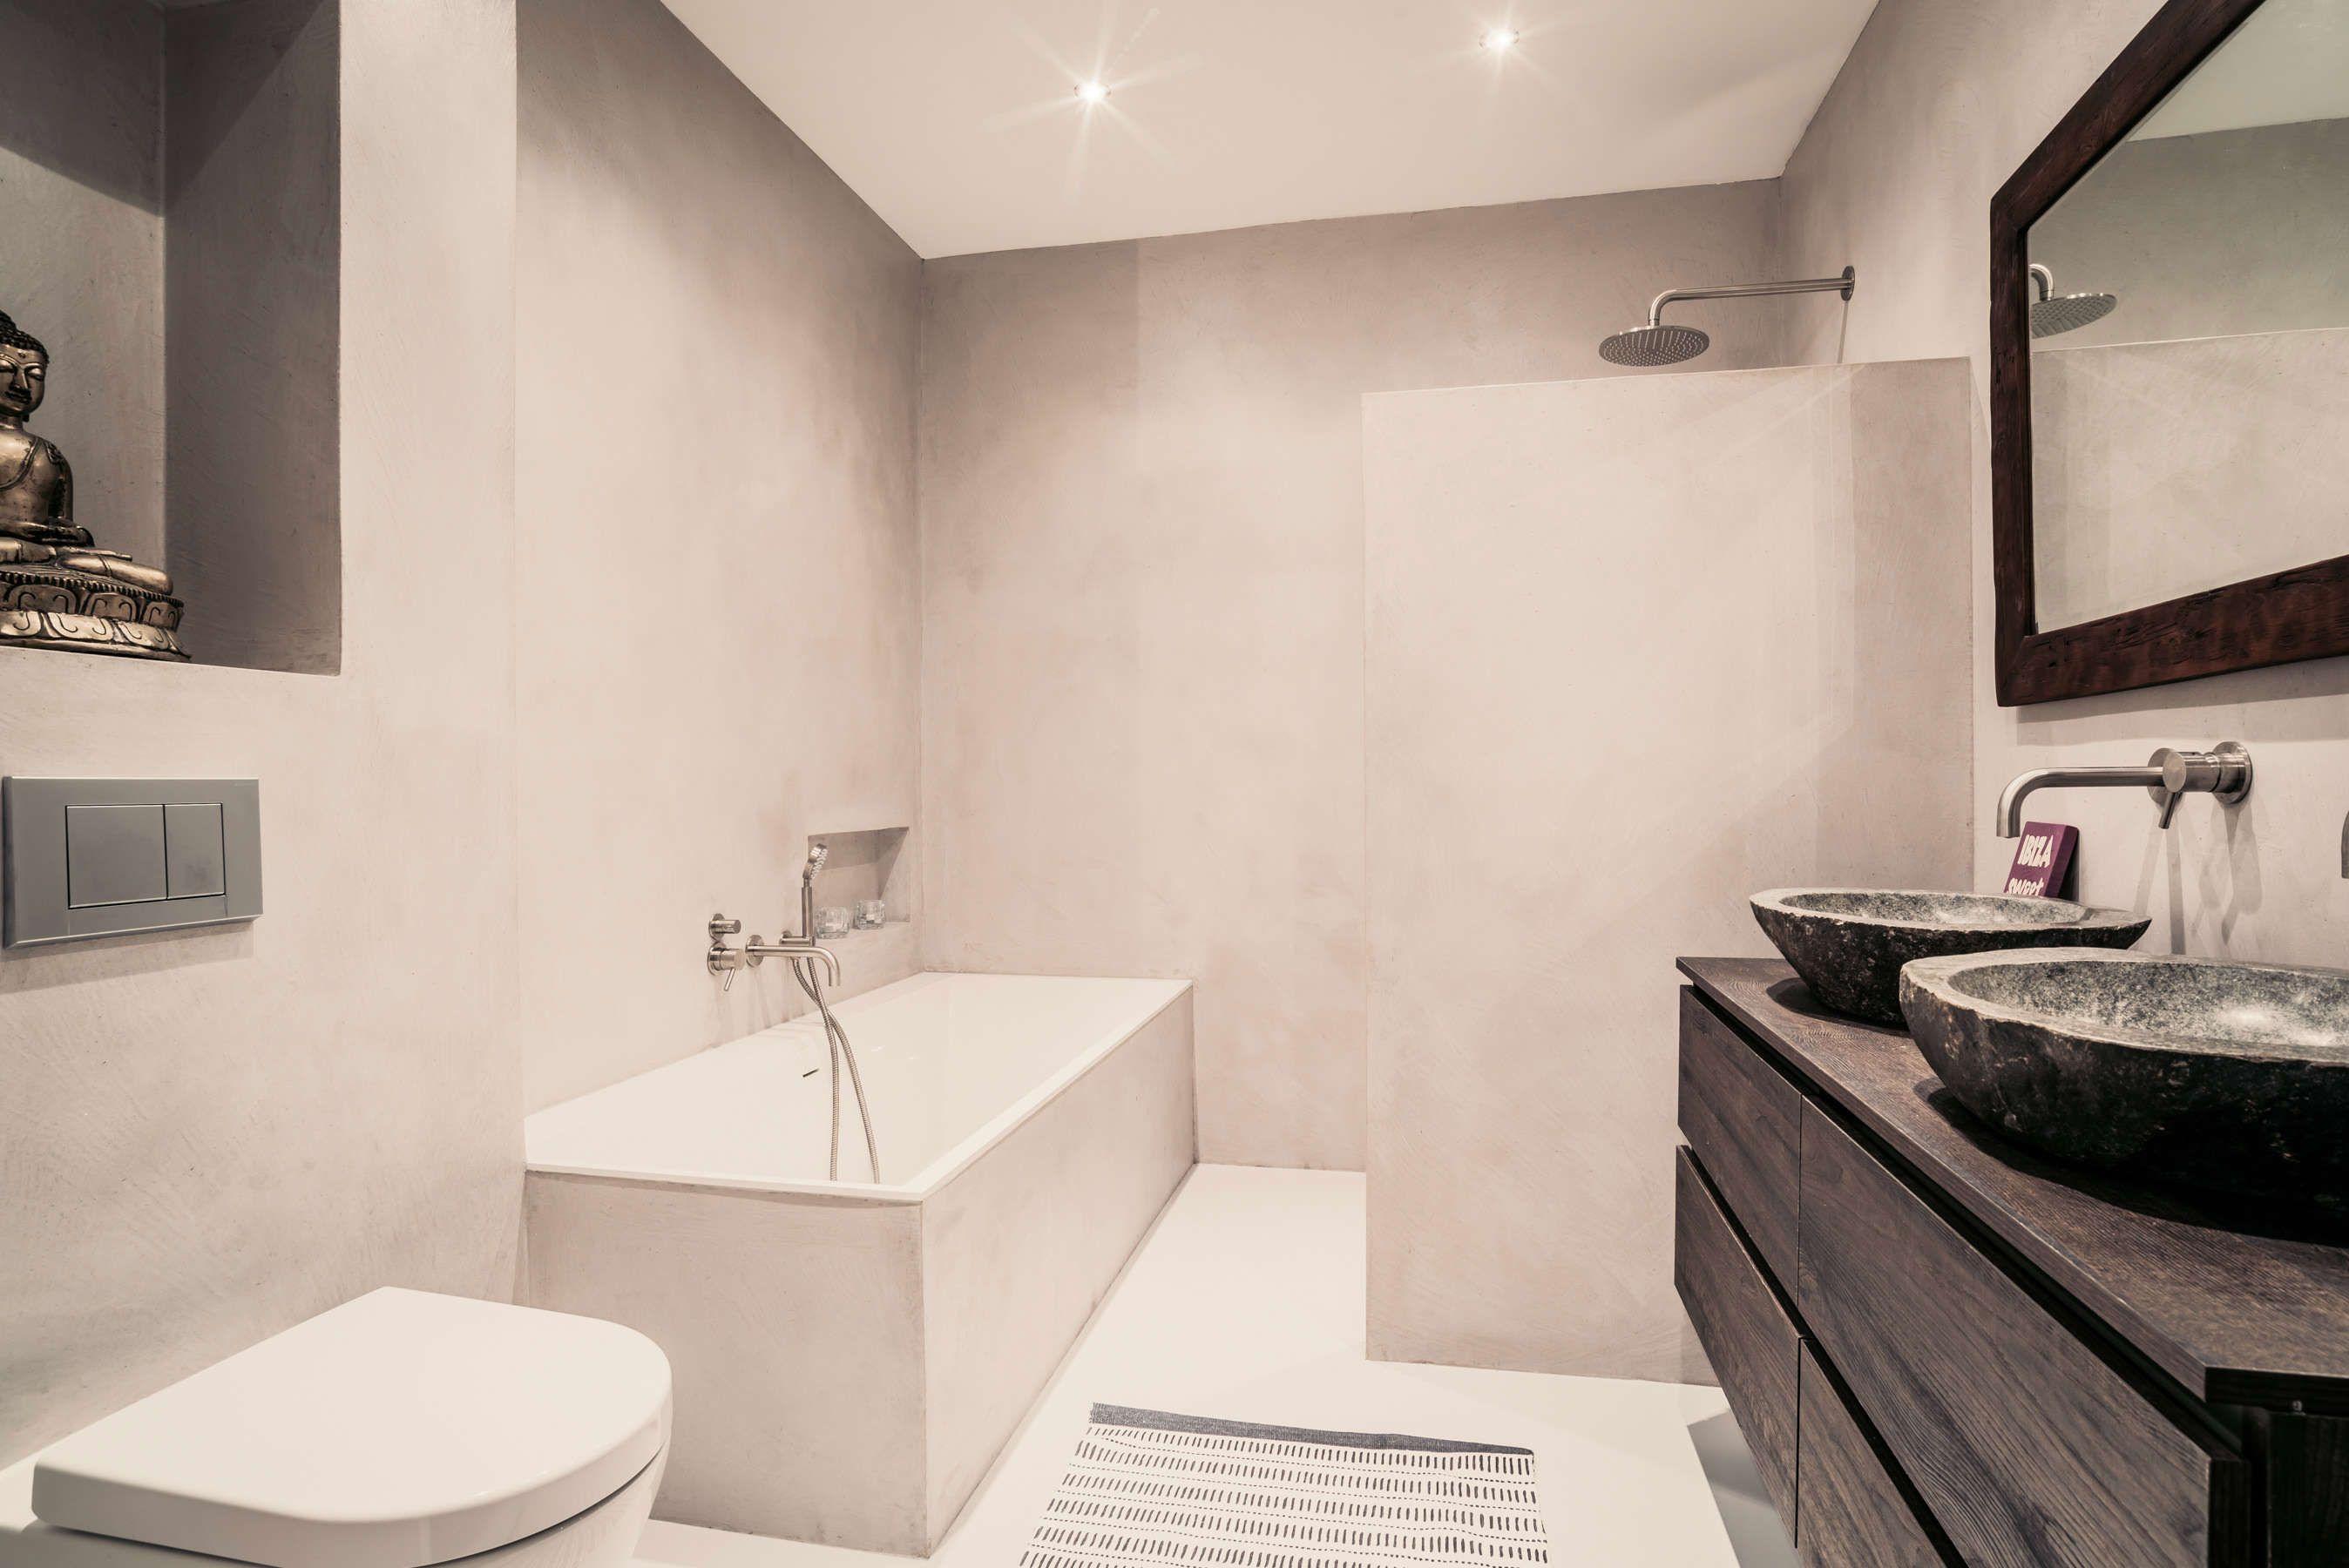 Rustgevende badkamer in natuurlijke kleuren   Creative Minds ...